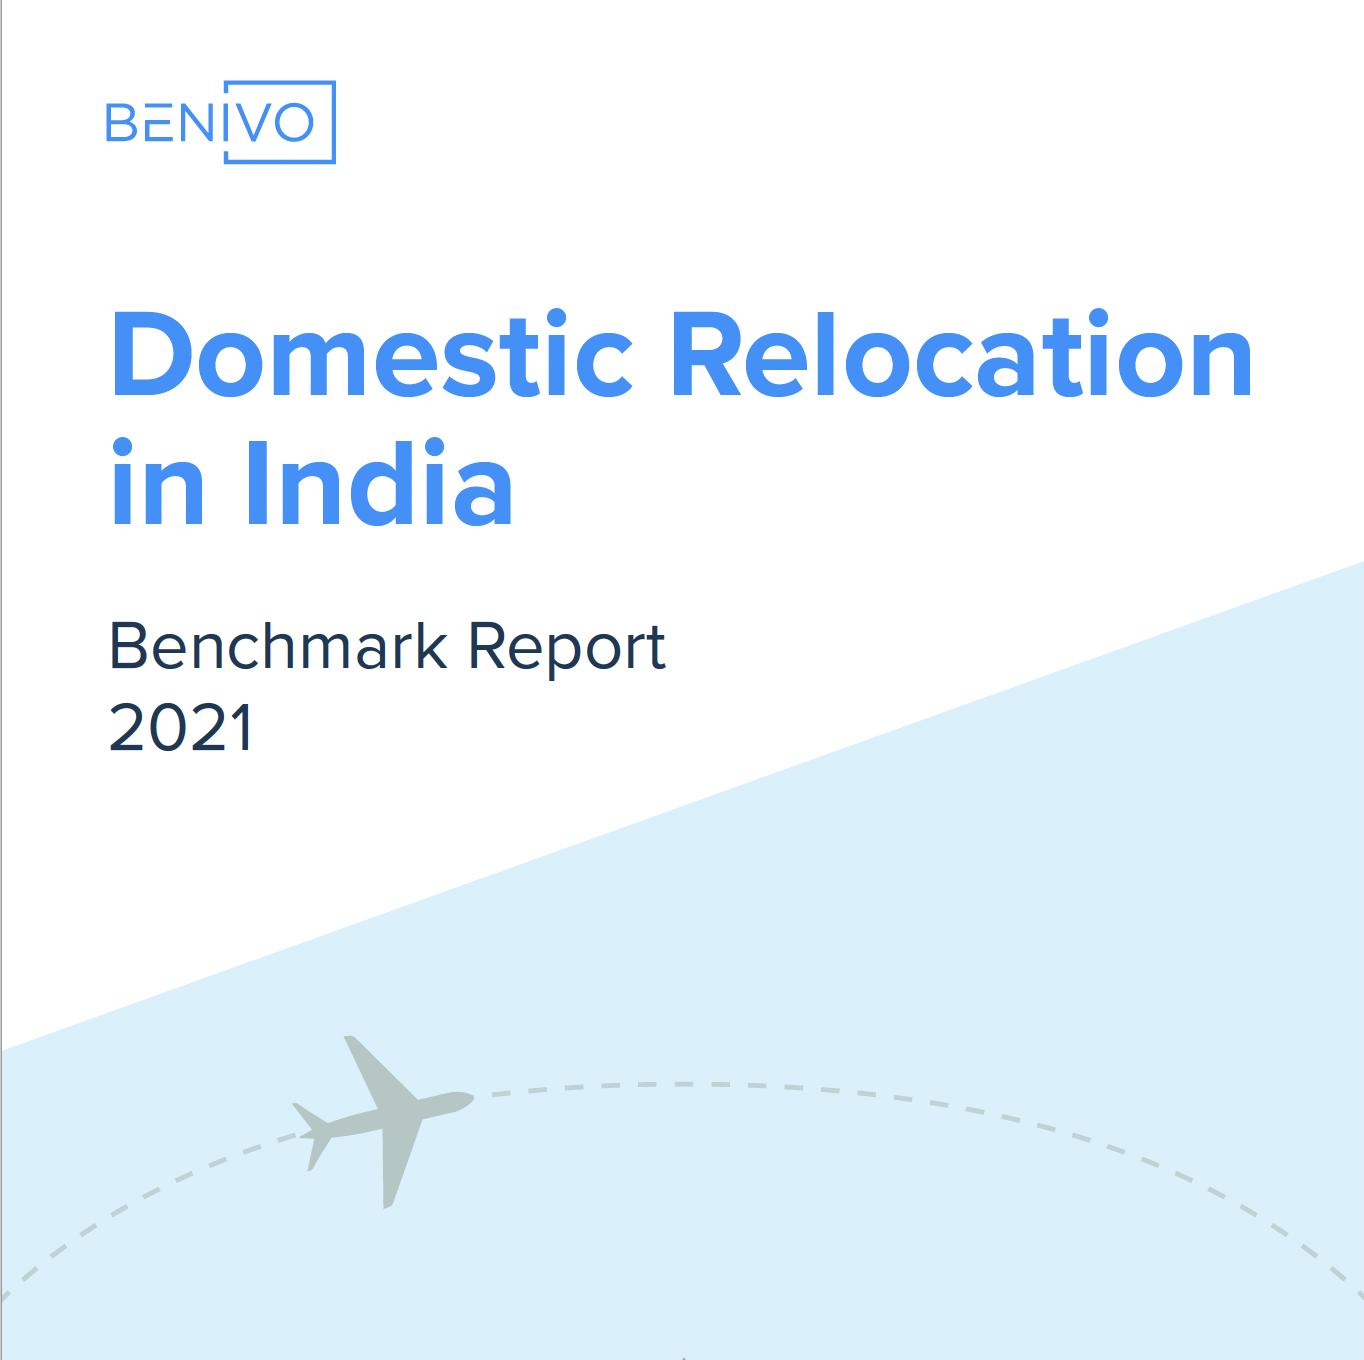 India Domestic Relocation